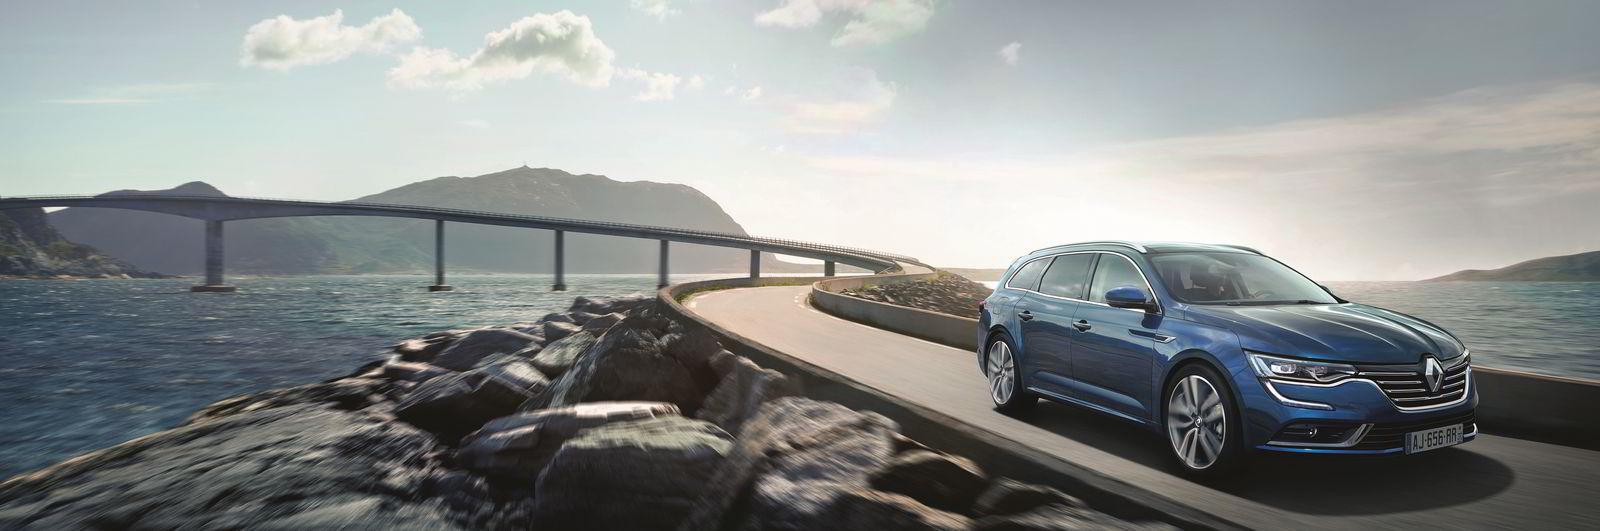 Renault Talisman på Atlanterhavsveien.